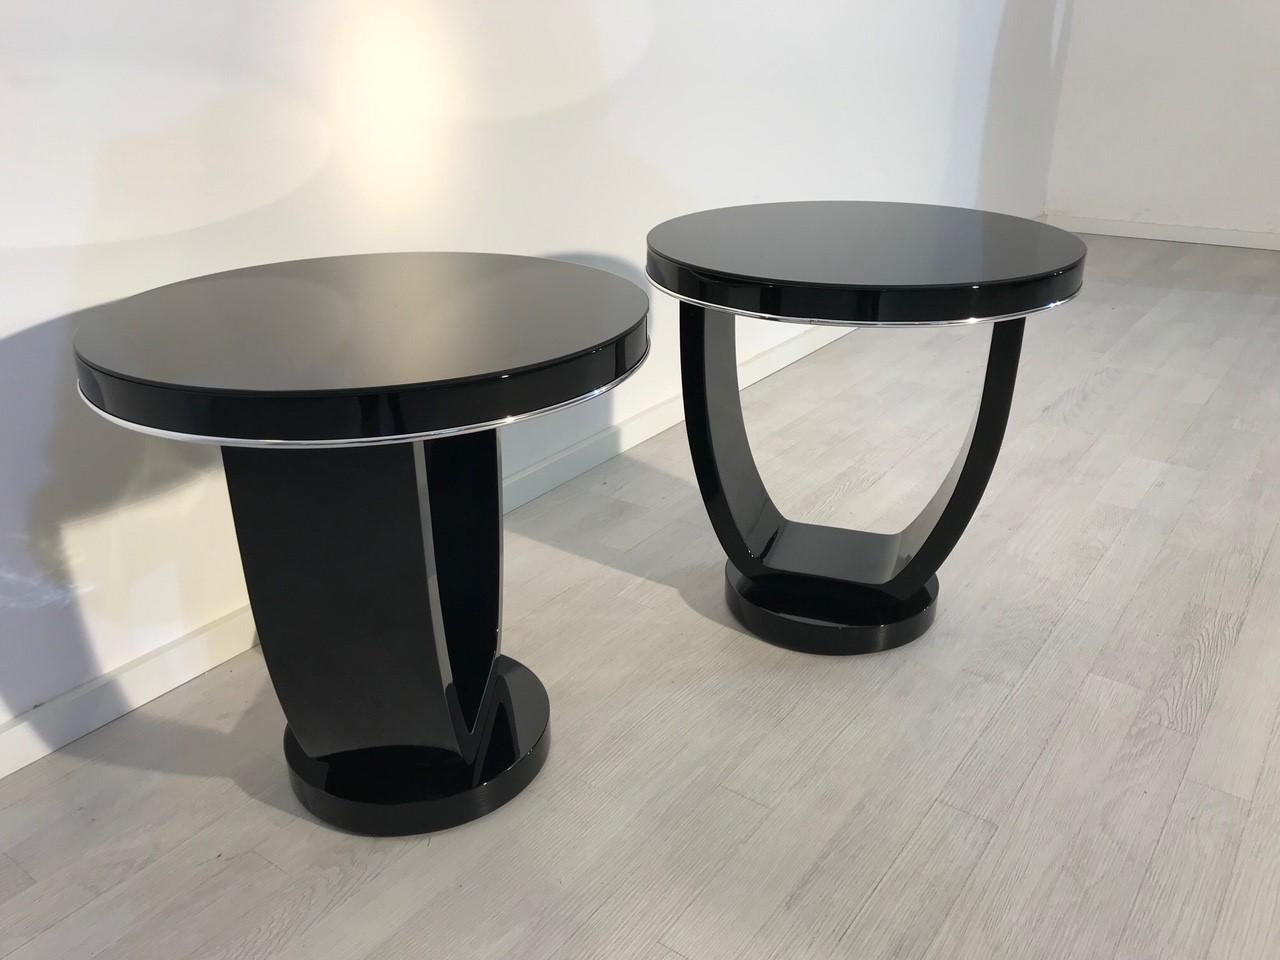 schwarze art deco beistelltische original antike m bel. Black Bedroom Furniture Sets. Home Design Ideas